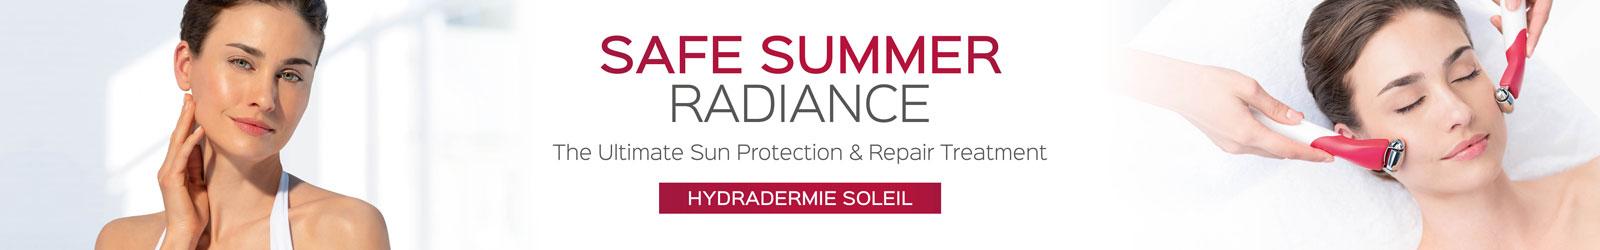 1621861173.2478Safe-Summer-Radiance_Web-Banner1.jpg